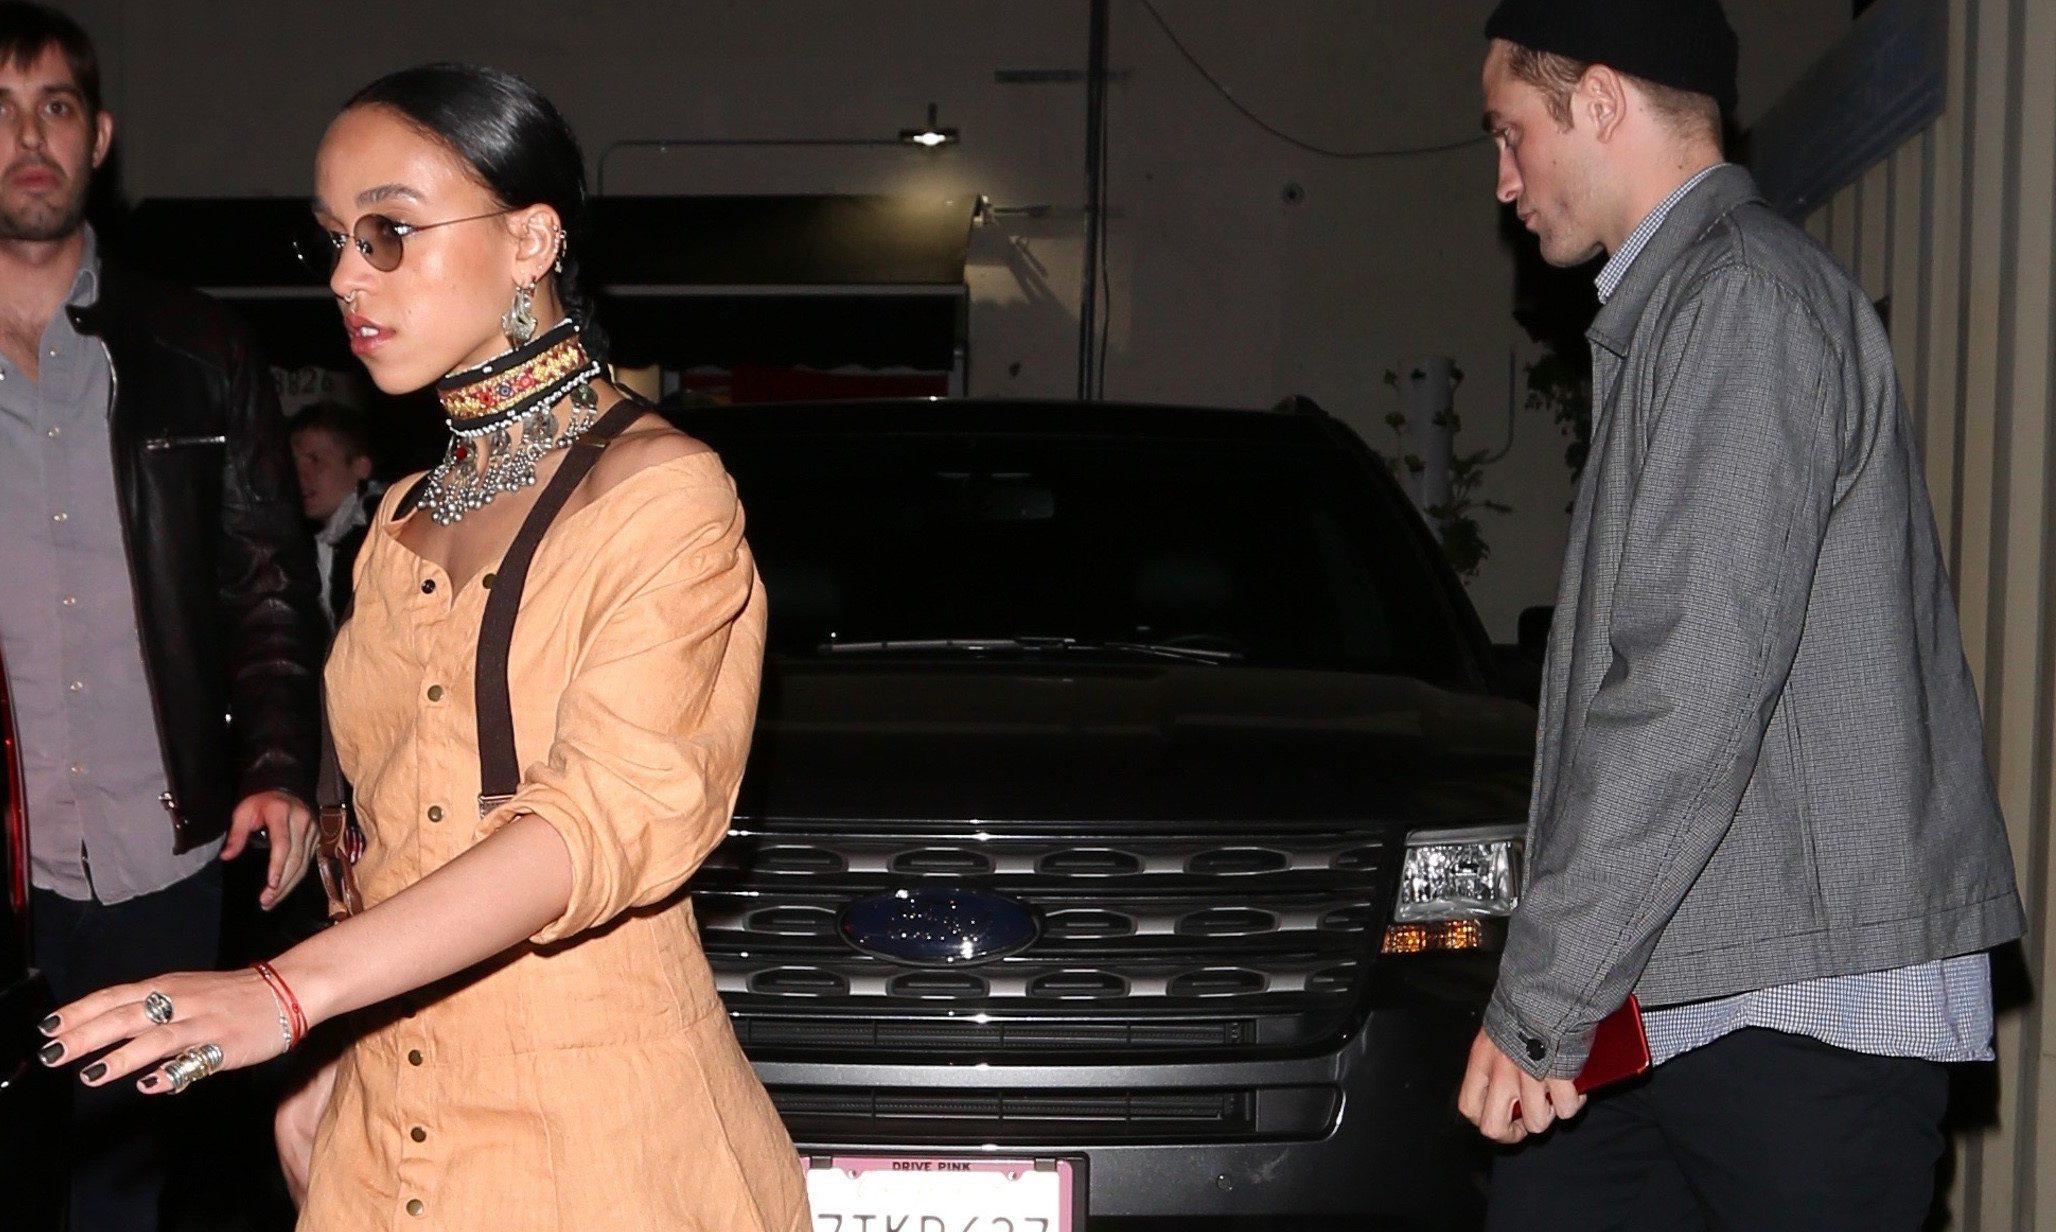 FOTOS: Robert e FKA Twigs saindo de um restaurante em Hollywood